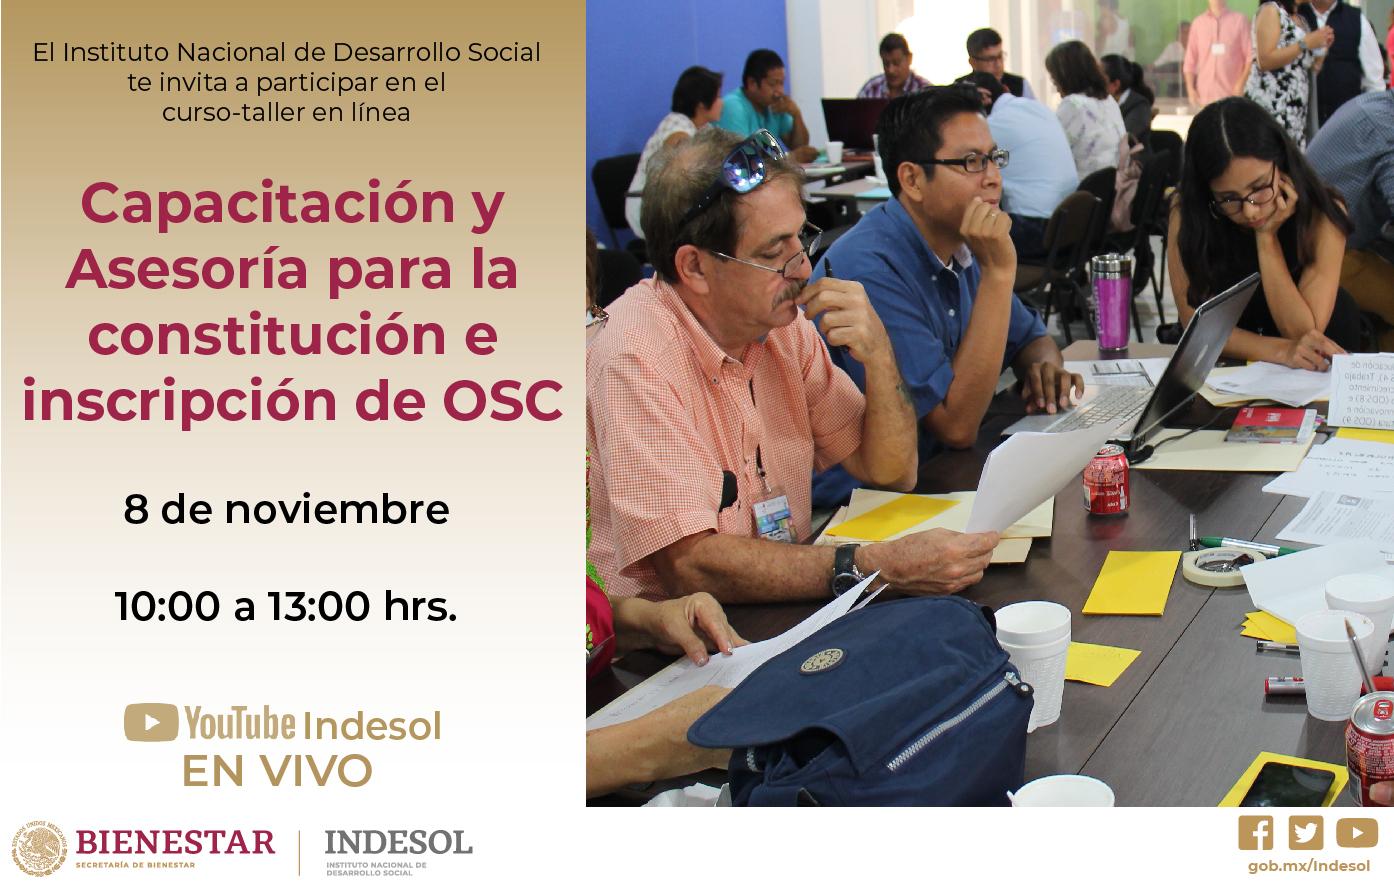 Banner invitación al curso-taller en línea Capacitación y Asesoría para la constitución e inscripción de OSC